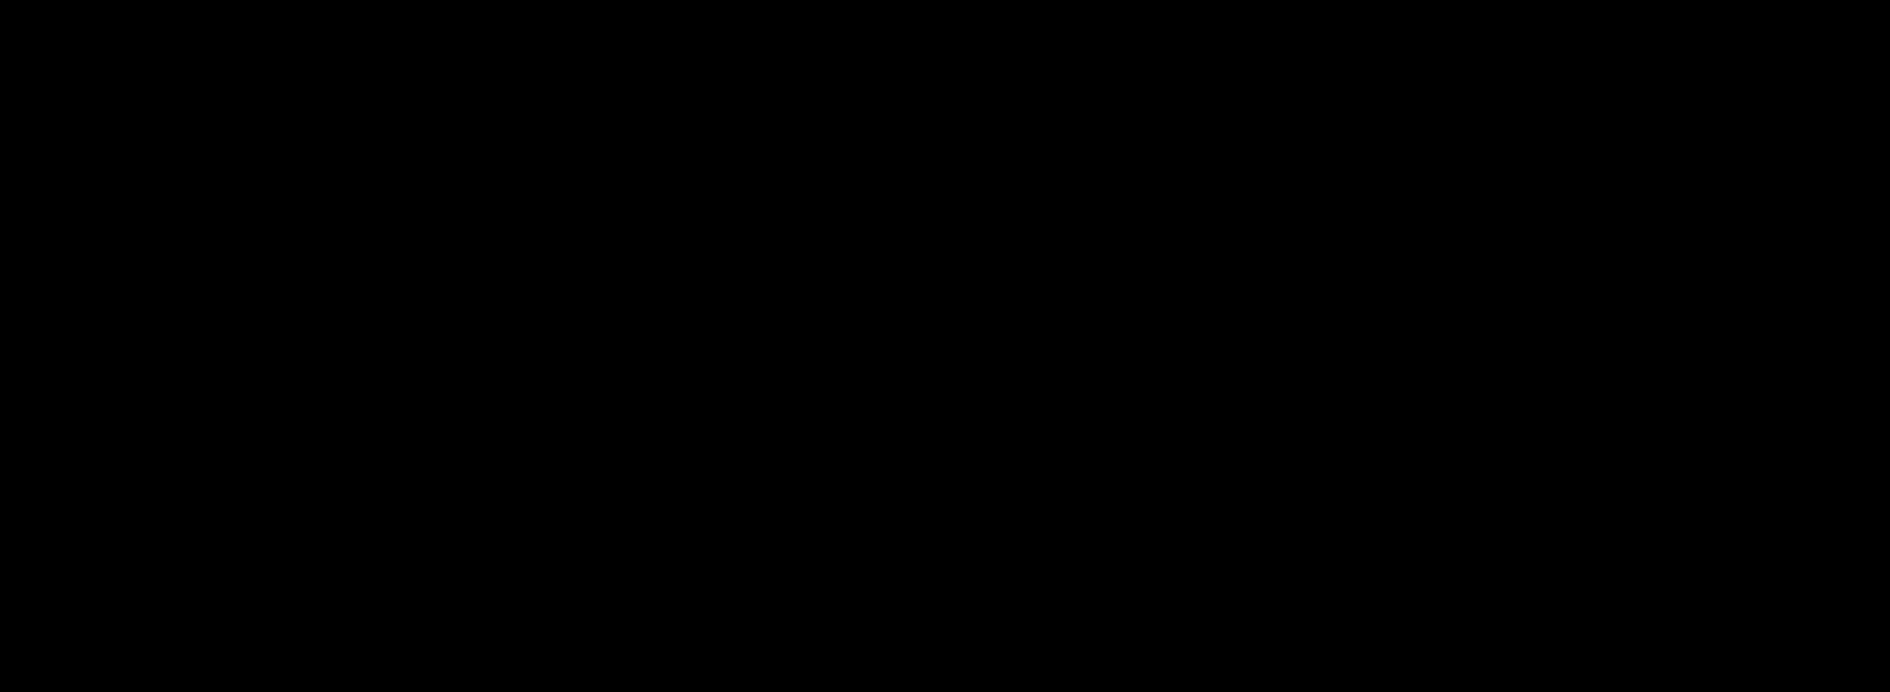 4-β-D-Glucopyranosyl ferulic acid methyl ester-d<sub>3</sub>